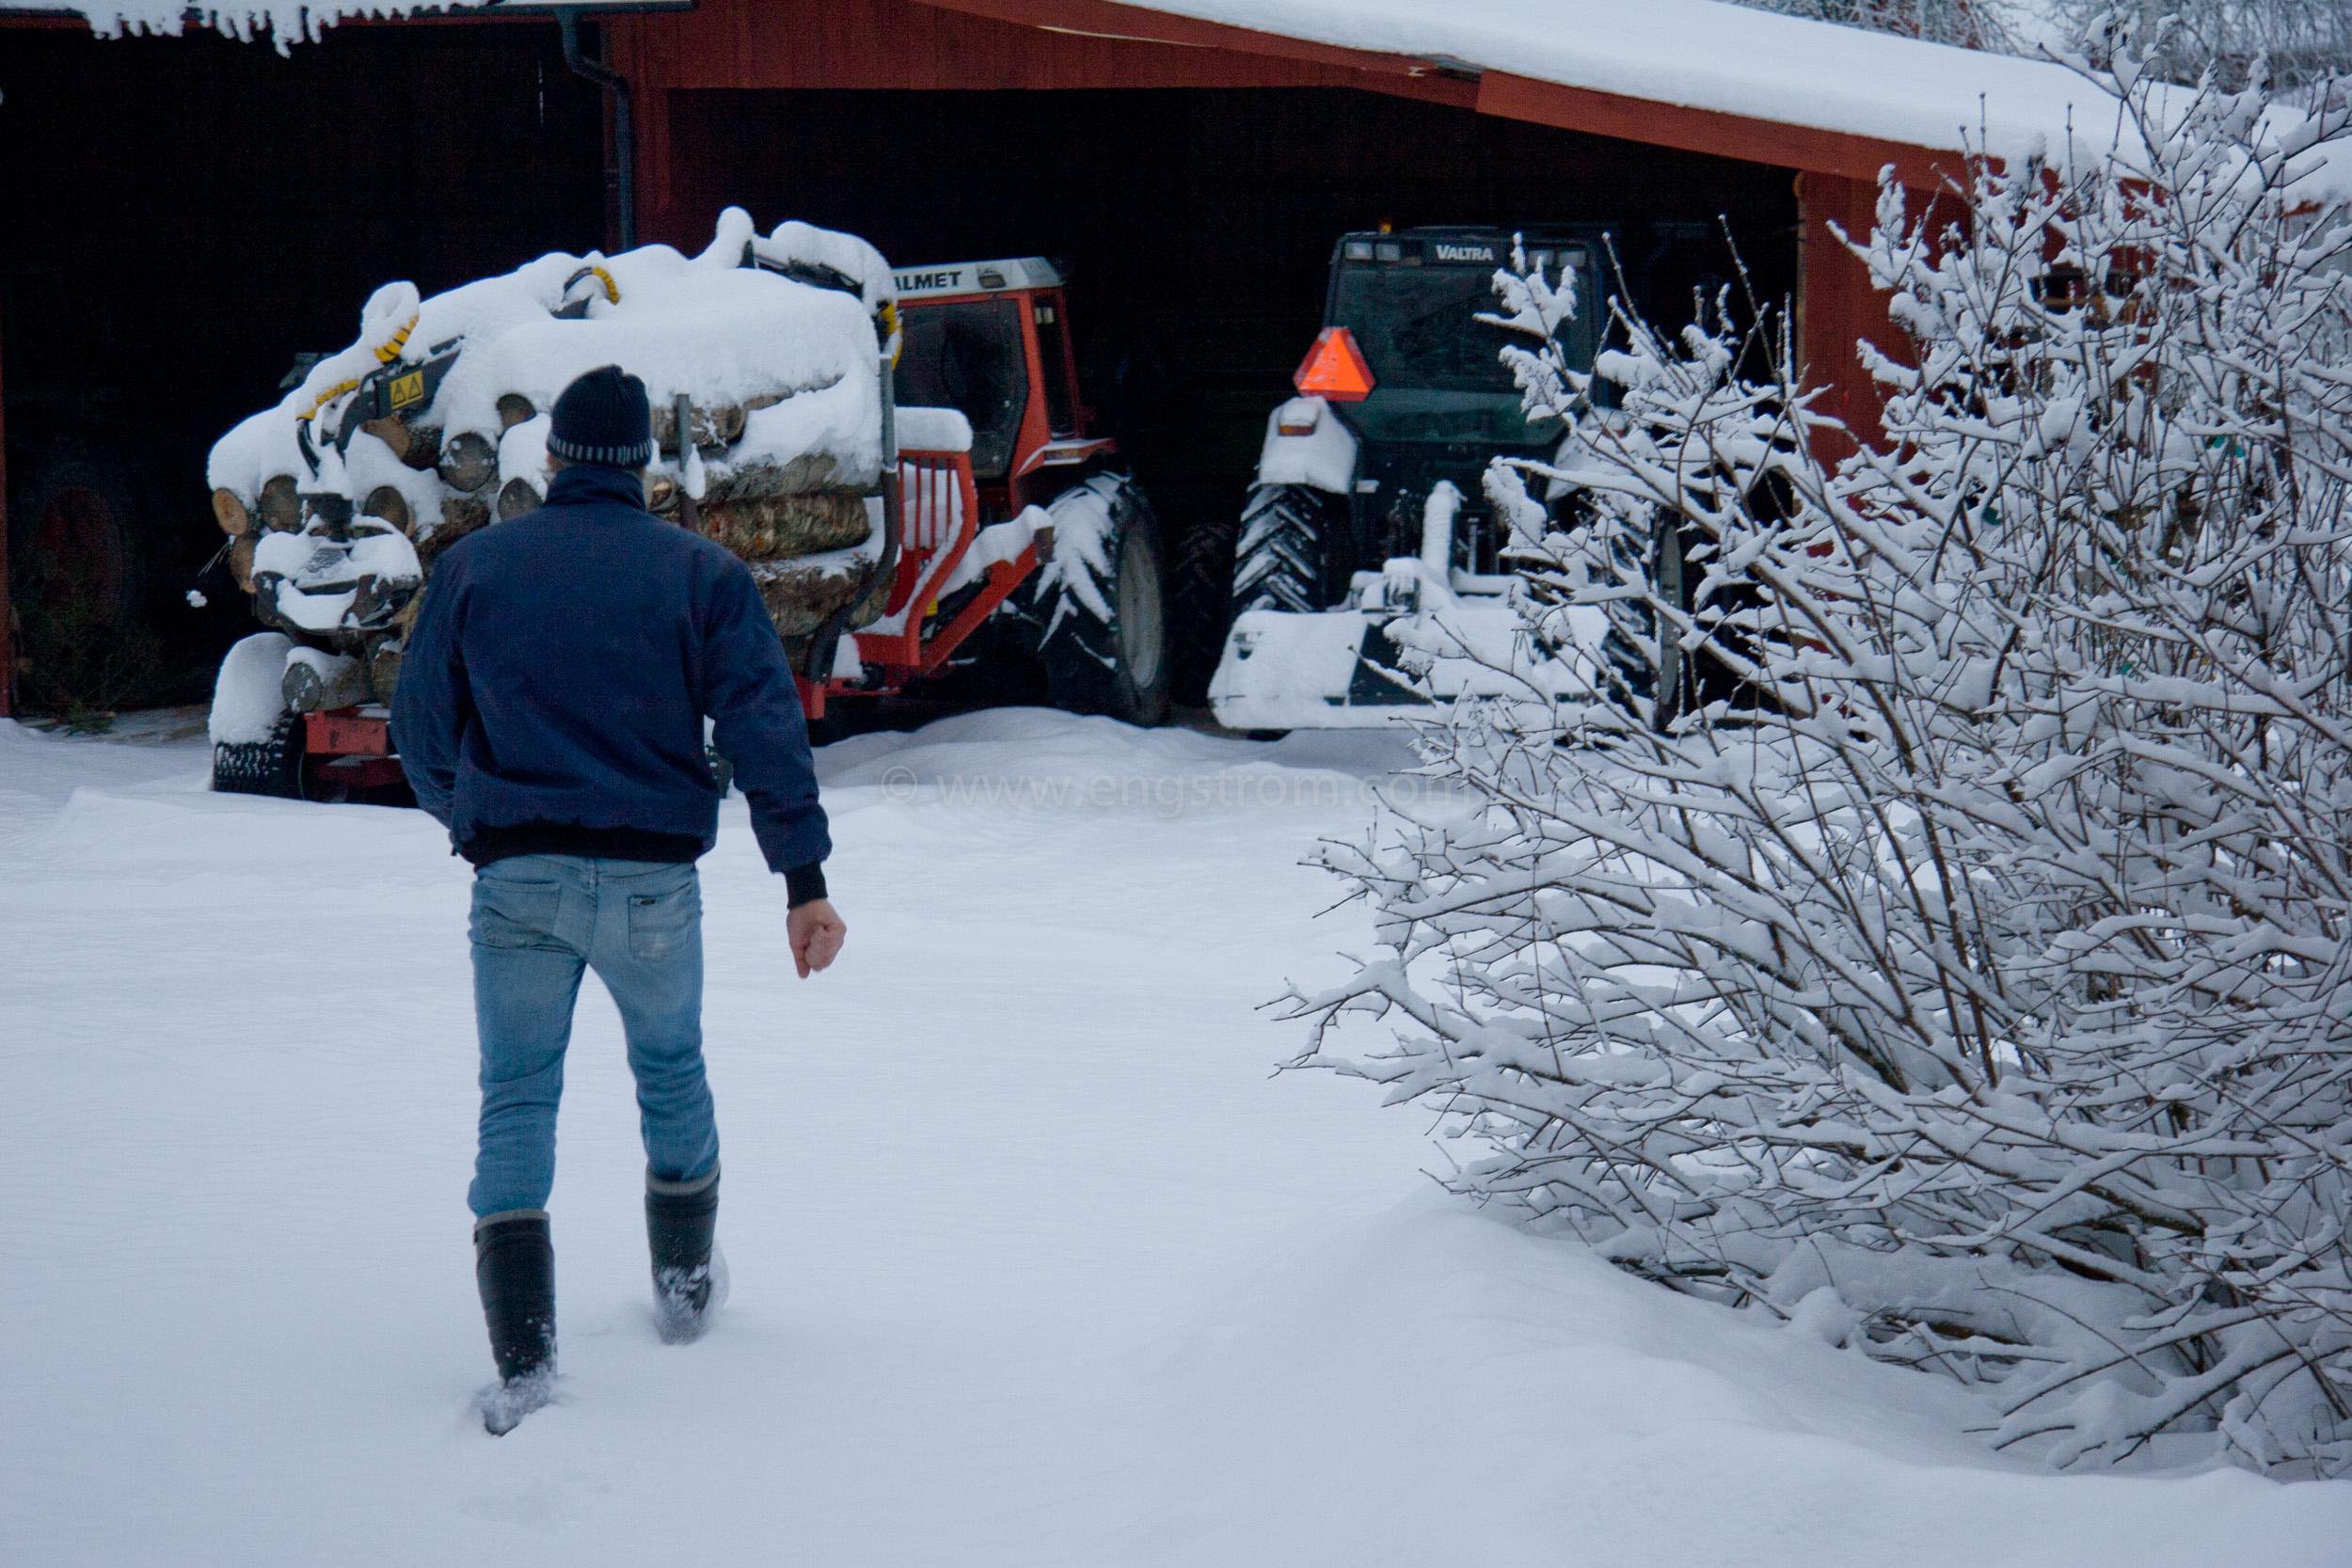 JE_8588, Snöplogning, snöröjning i skymning., Jonas Engström